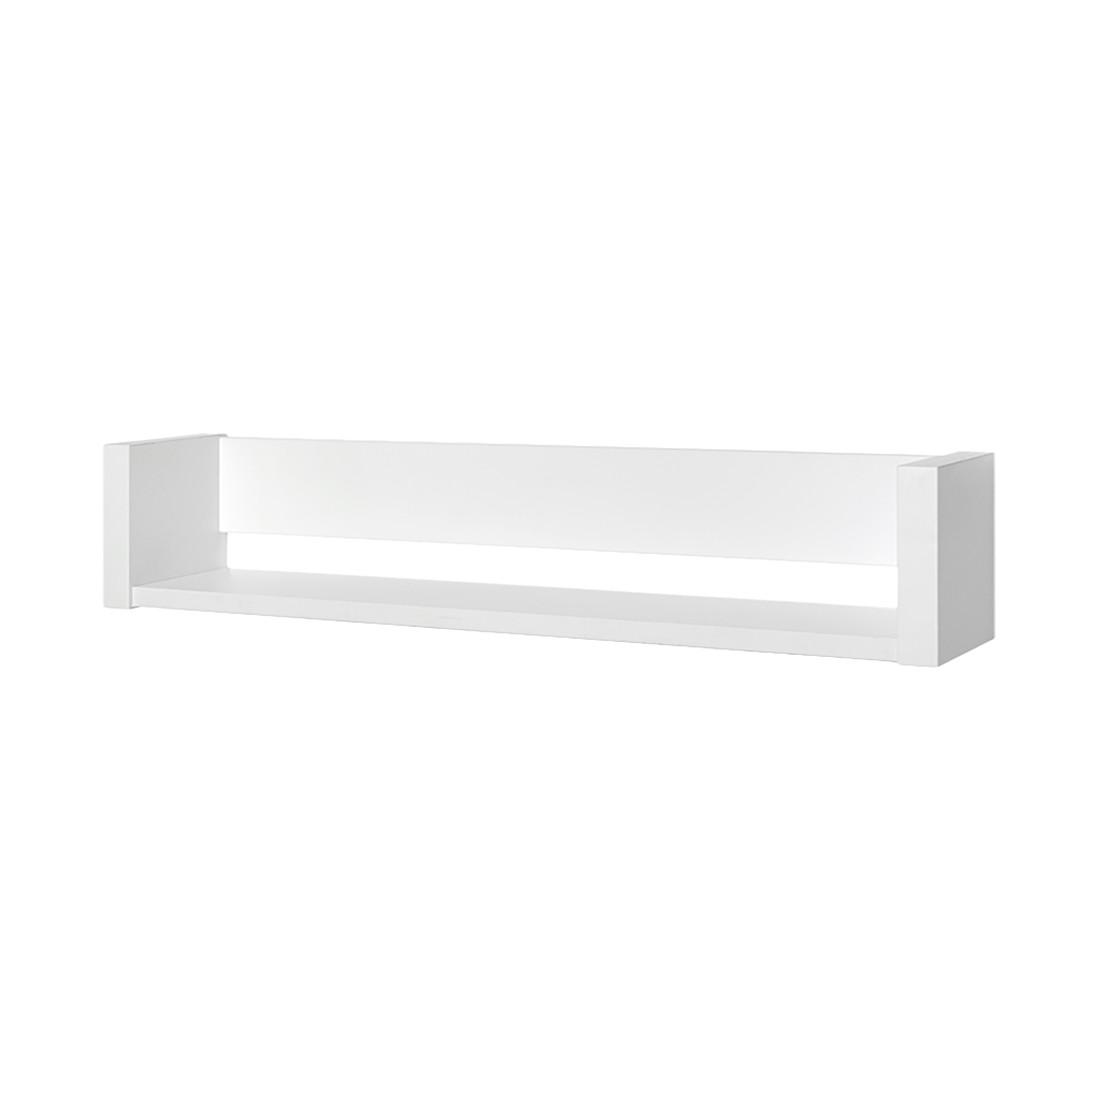 Wandboard Milano - Weiß, Schardt